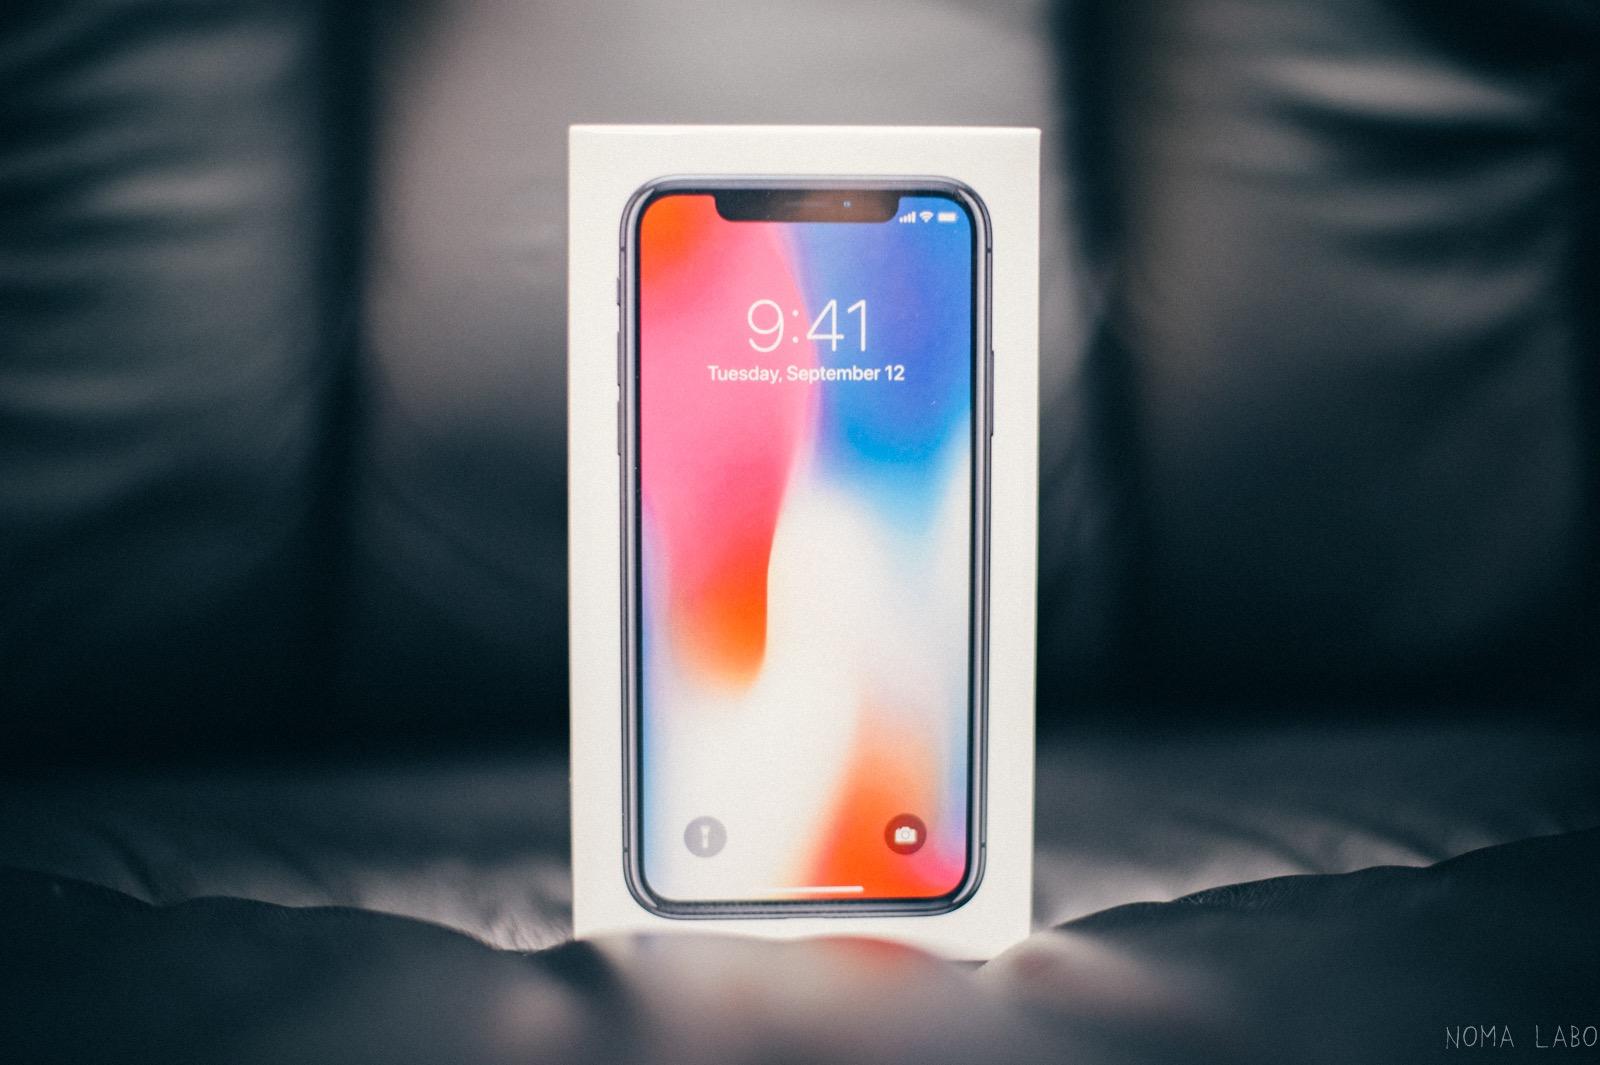 【 iPhone X 】最新iPhone購入。レビューと約2ヶ月使ってみた感想。話題のFaceIDなど使い勝手はいかに